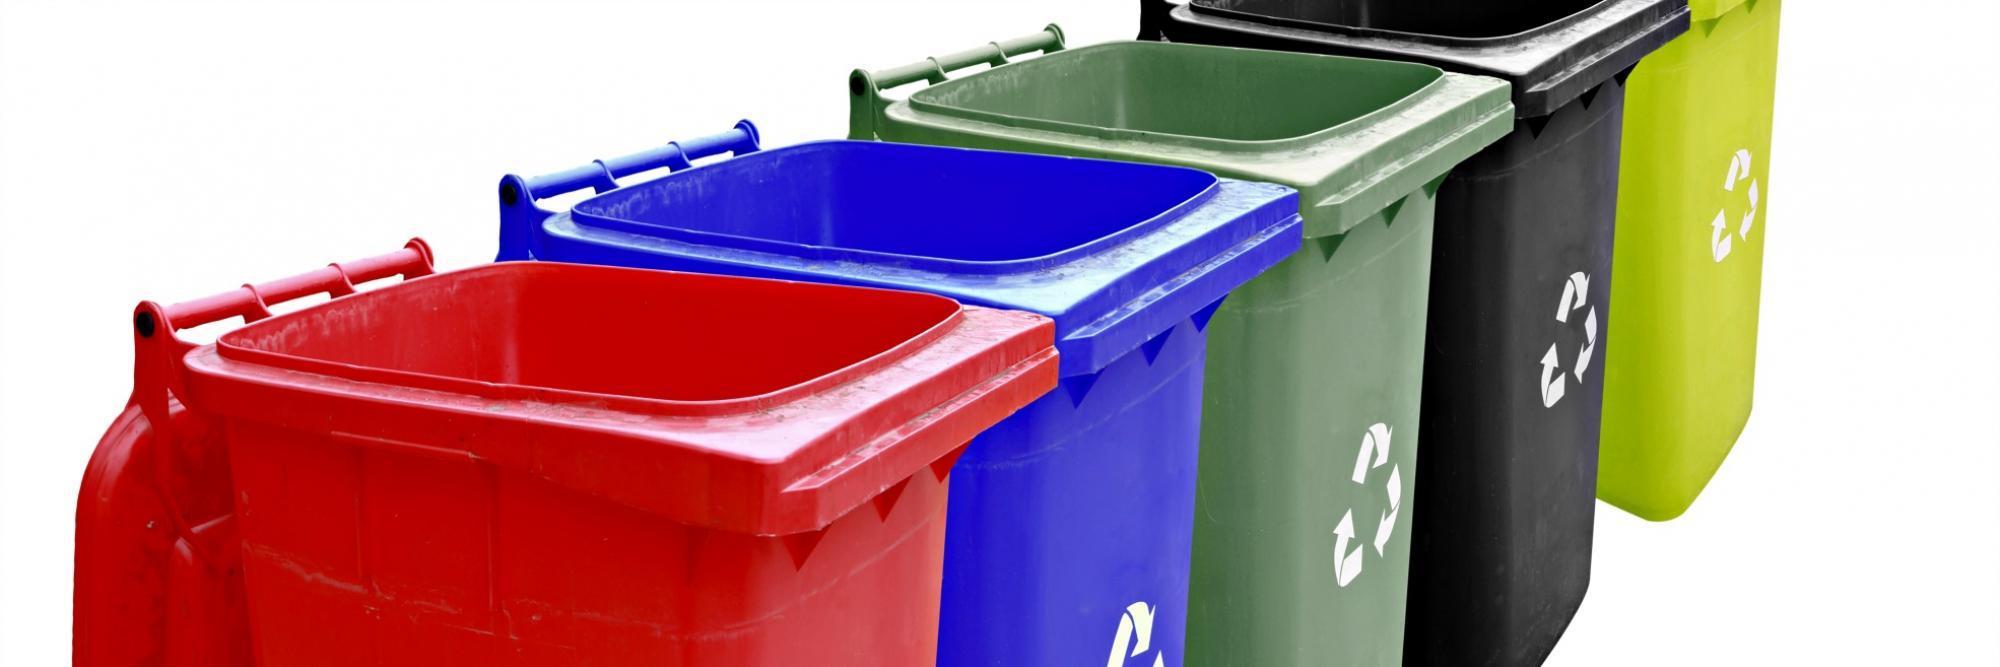 gestion et nettoyage des conteneurs et poubelles